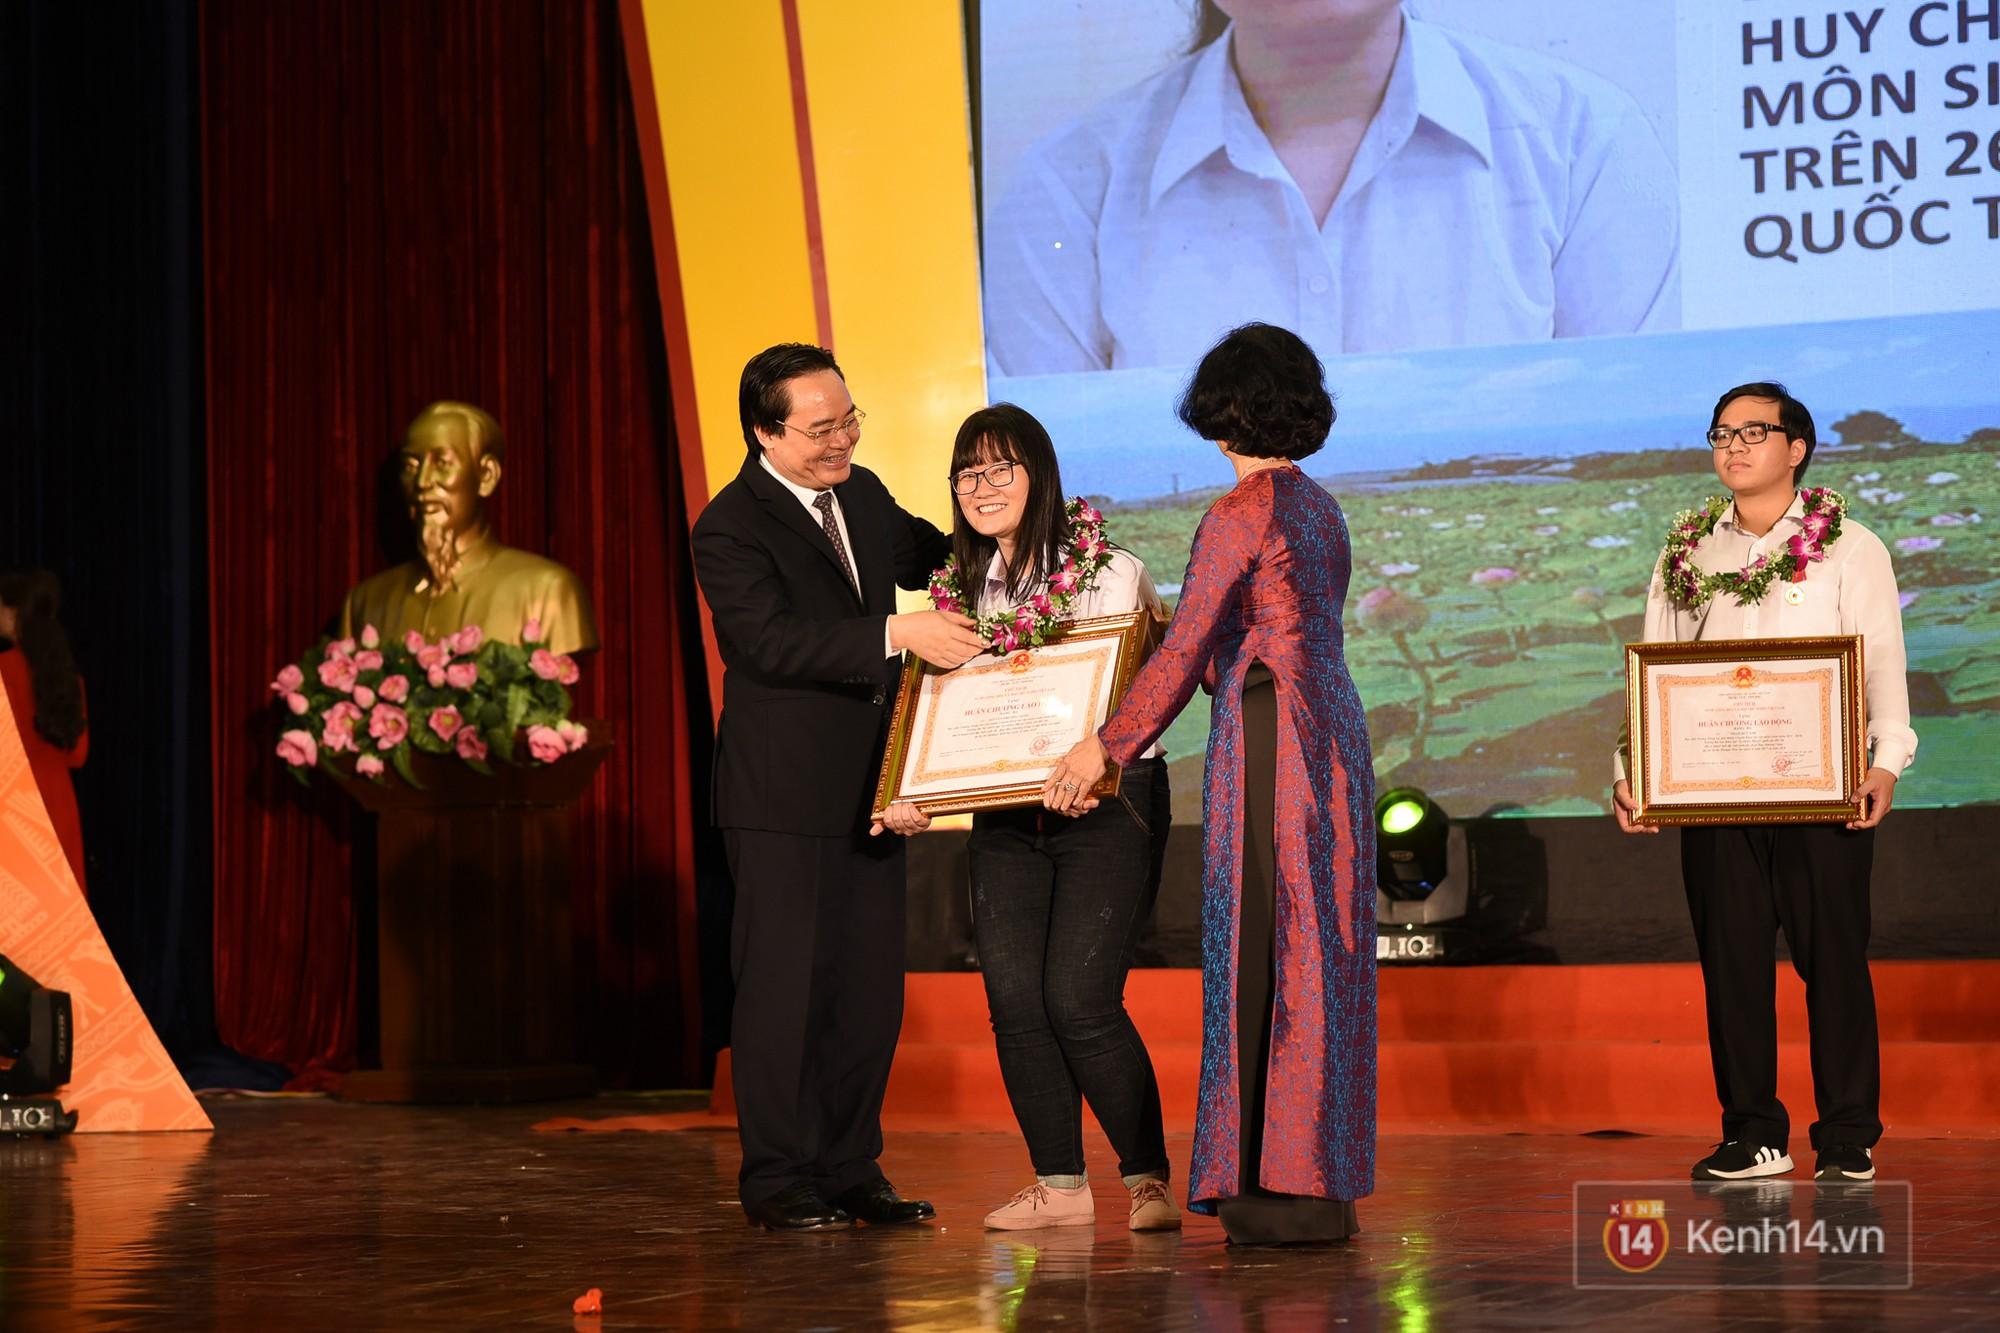 Nữ sinh 2000 giành HCV Olympic Sinh học Quốc tế, đạt kỷ lục thí sinh có điểm thi cao nhất thế giới: Ba lô đến trường nặng 8kg toàn là sách vở - Ảnh 4.